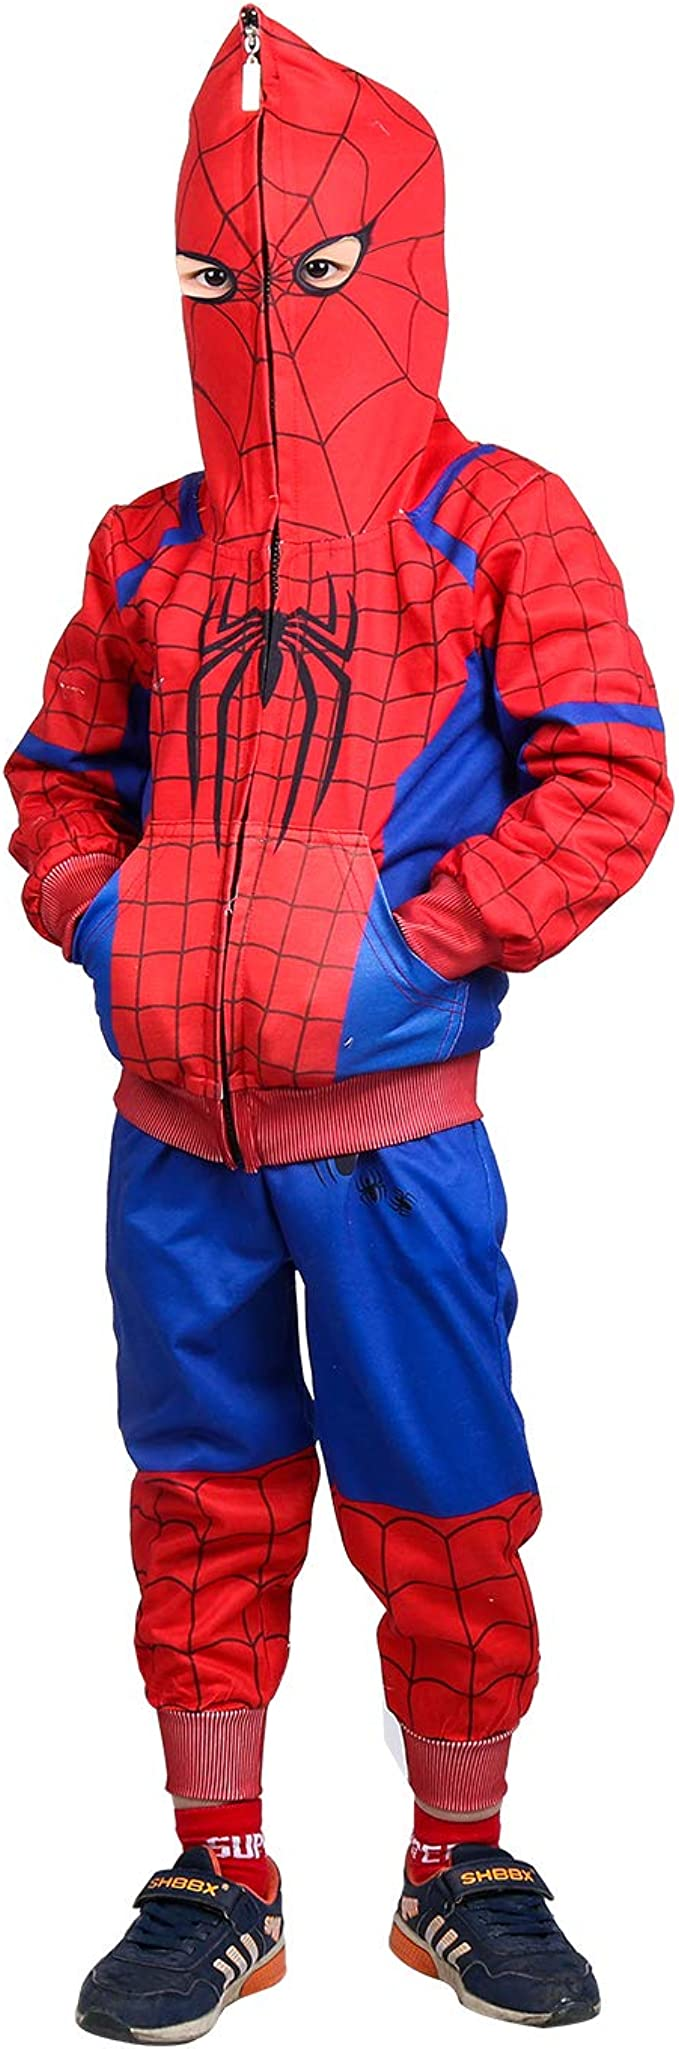 Spiderman Sudadera con Capucha Cosplay Disfraz Cremallera ...